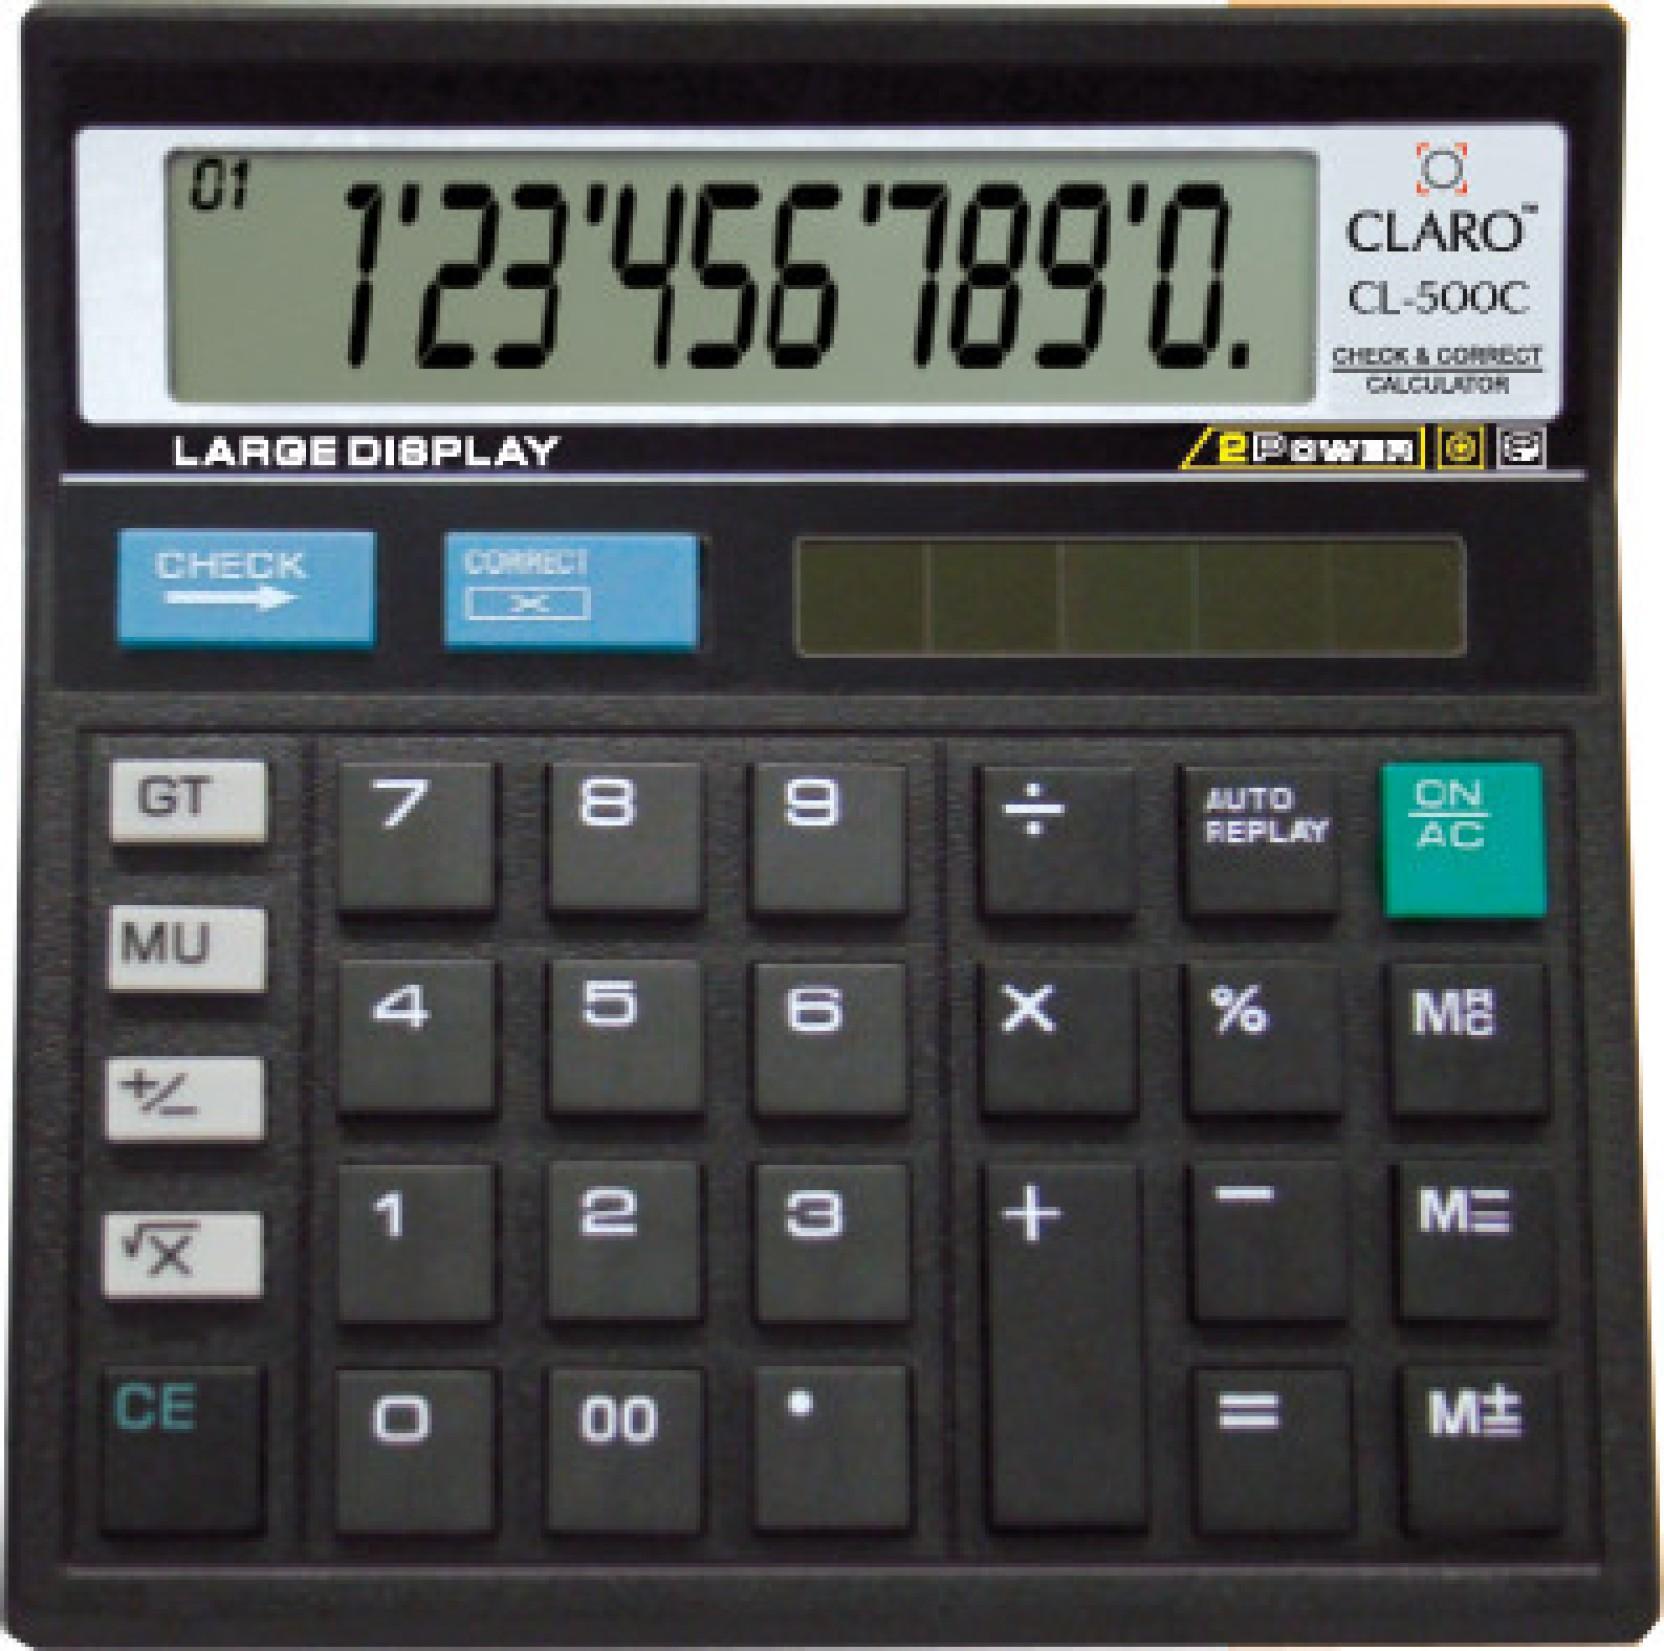 Claro Cl 500c Basic Calculator 10 Digit